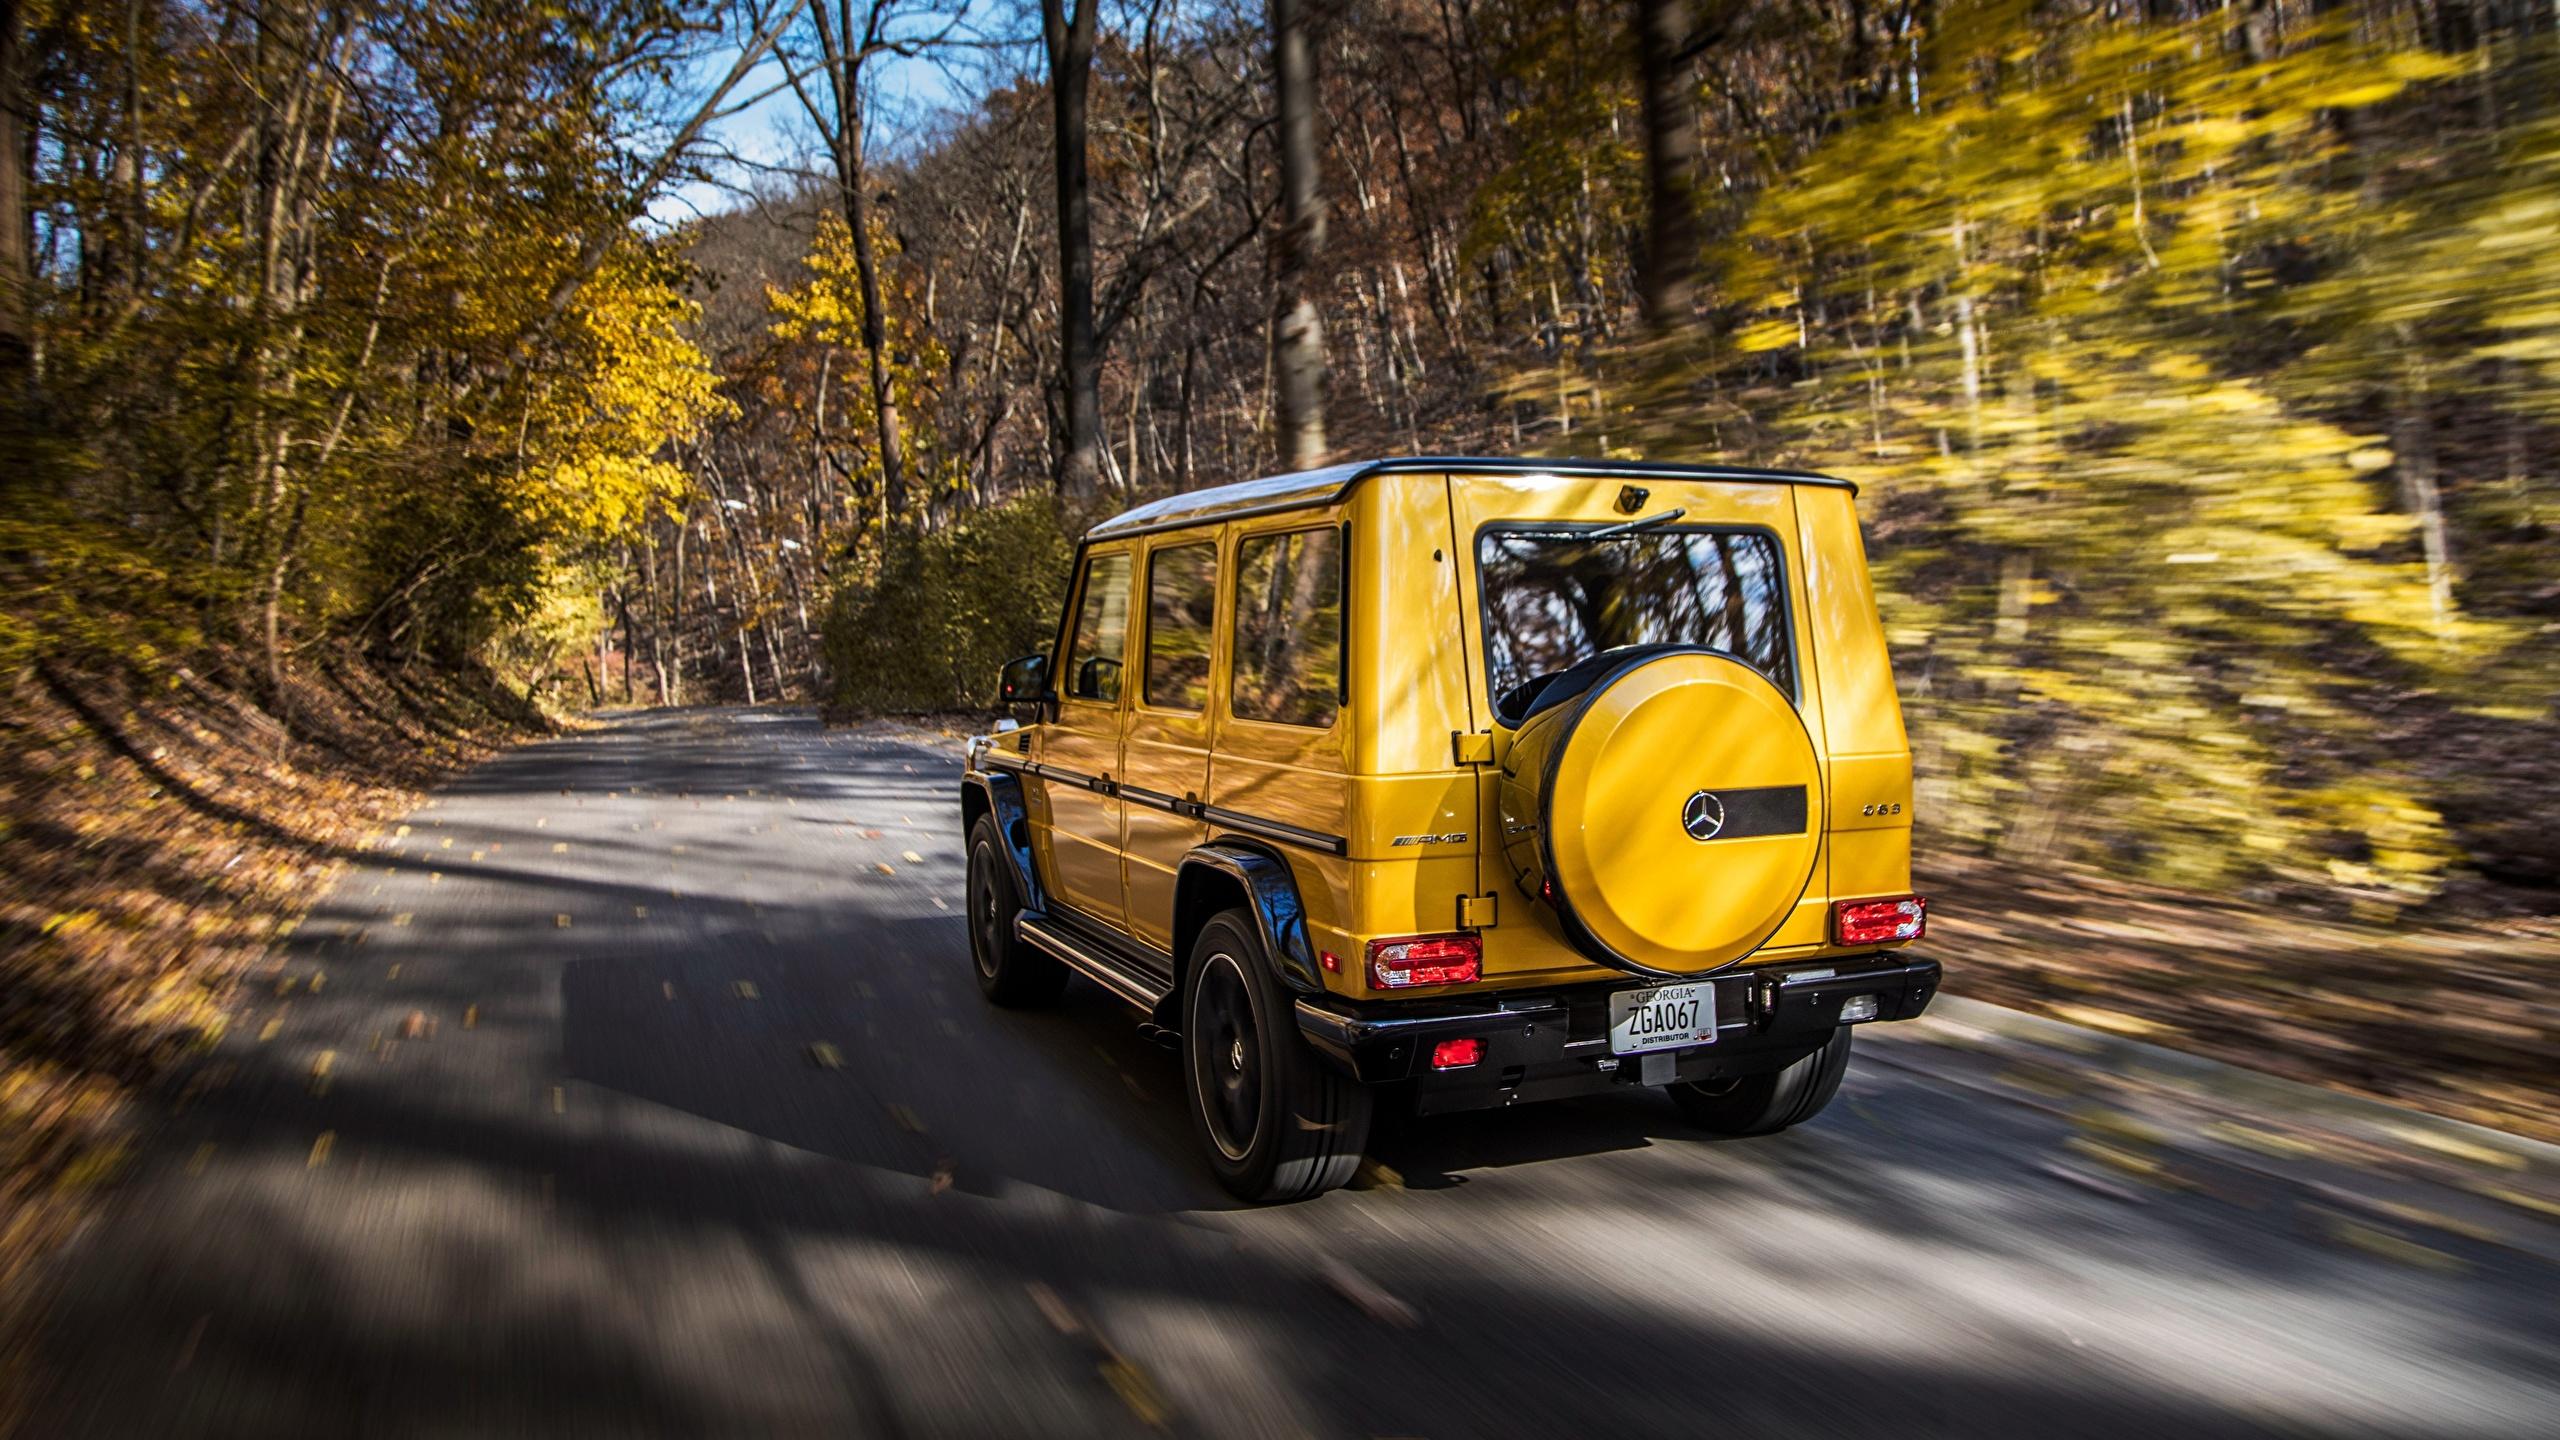 Картинки Mercedes-Benz G-класс AMG G63 2017 Colour Edition желтых скорость авто Сзади 2560x1440 Мерседес бенц Гелентваген Желтый желтые желтая едет едущий едущая Движение машина машины вид сзади автомобиль Автомобили